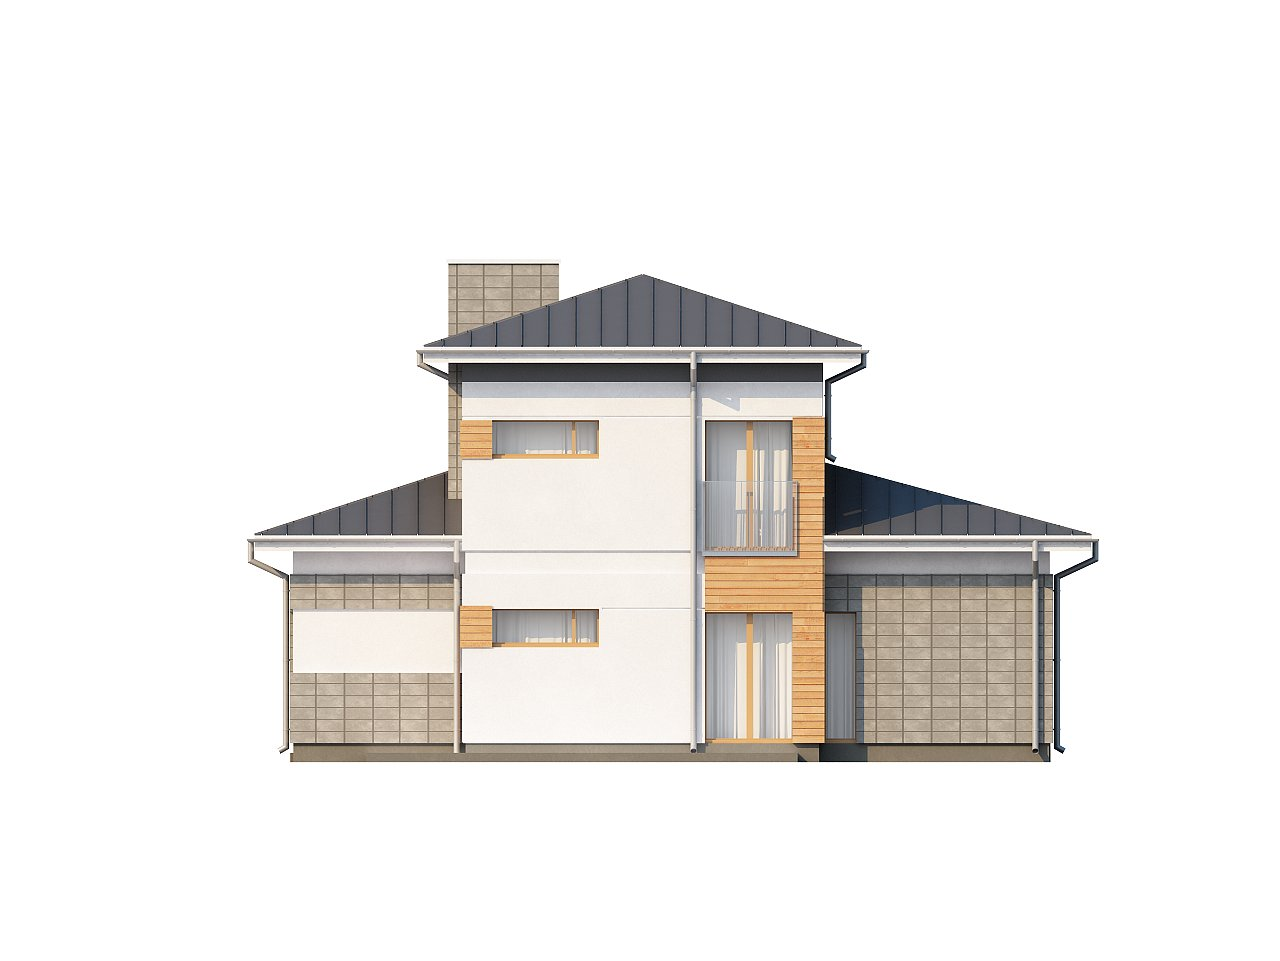 Проект удобного двухэтажного дома в стиле модерн с боковым гаражом. 5